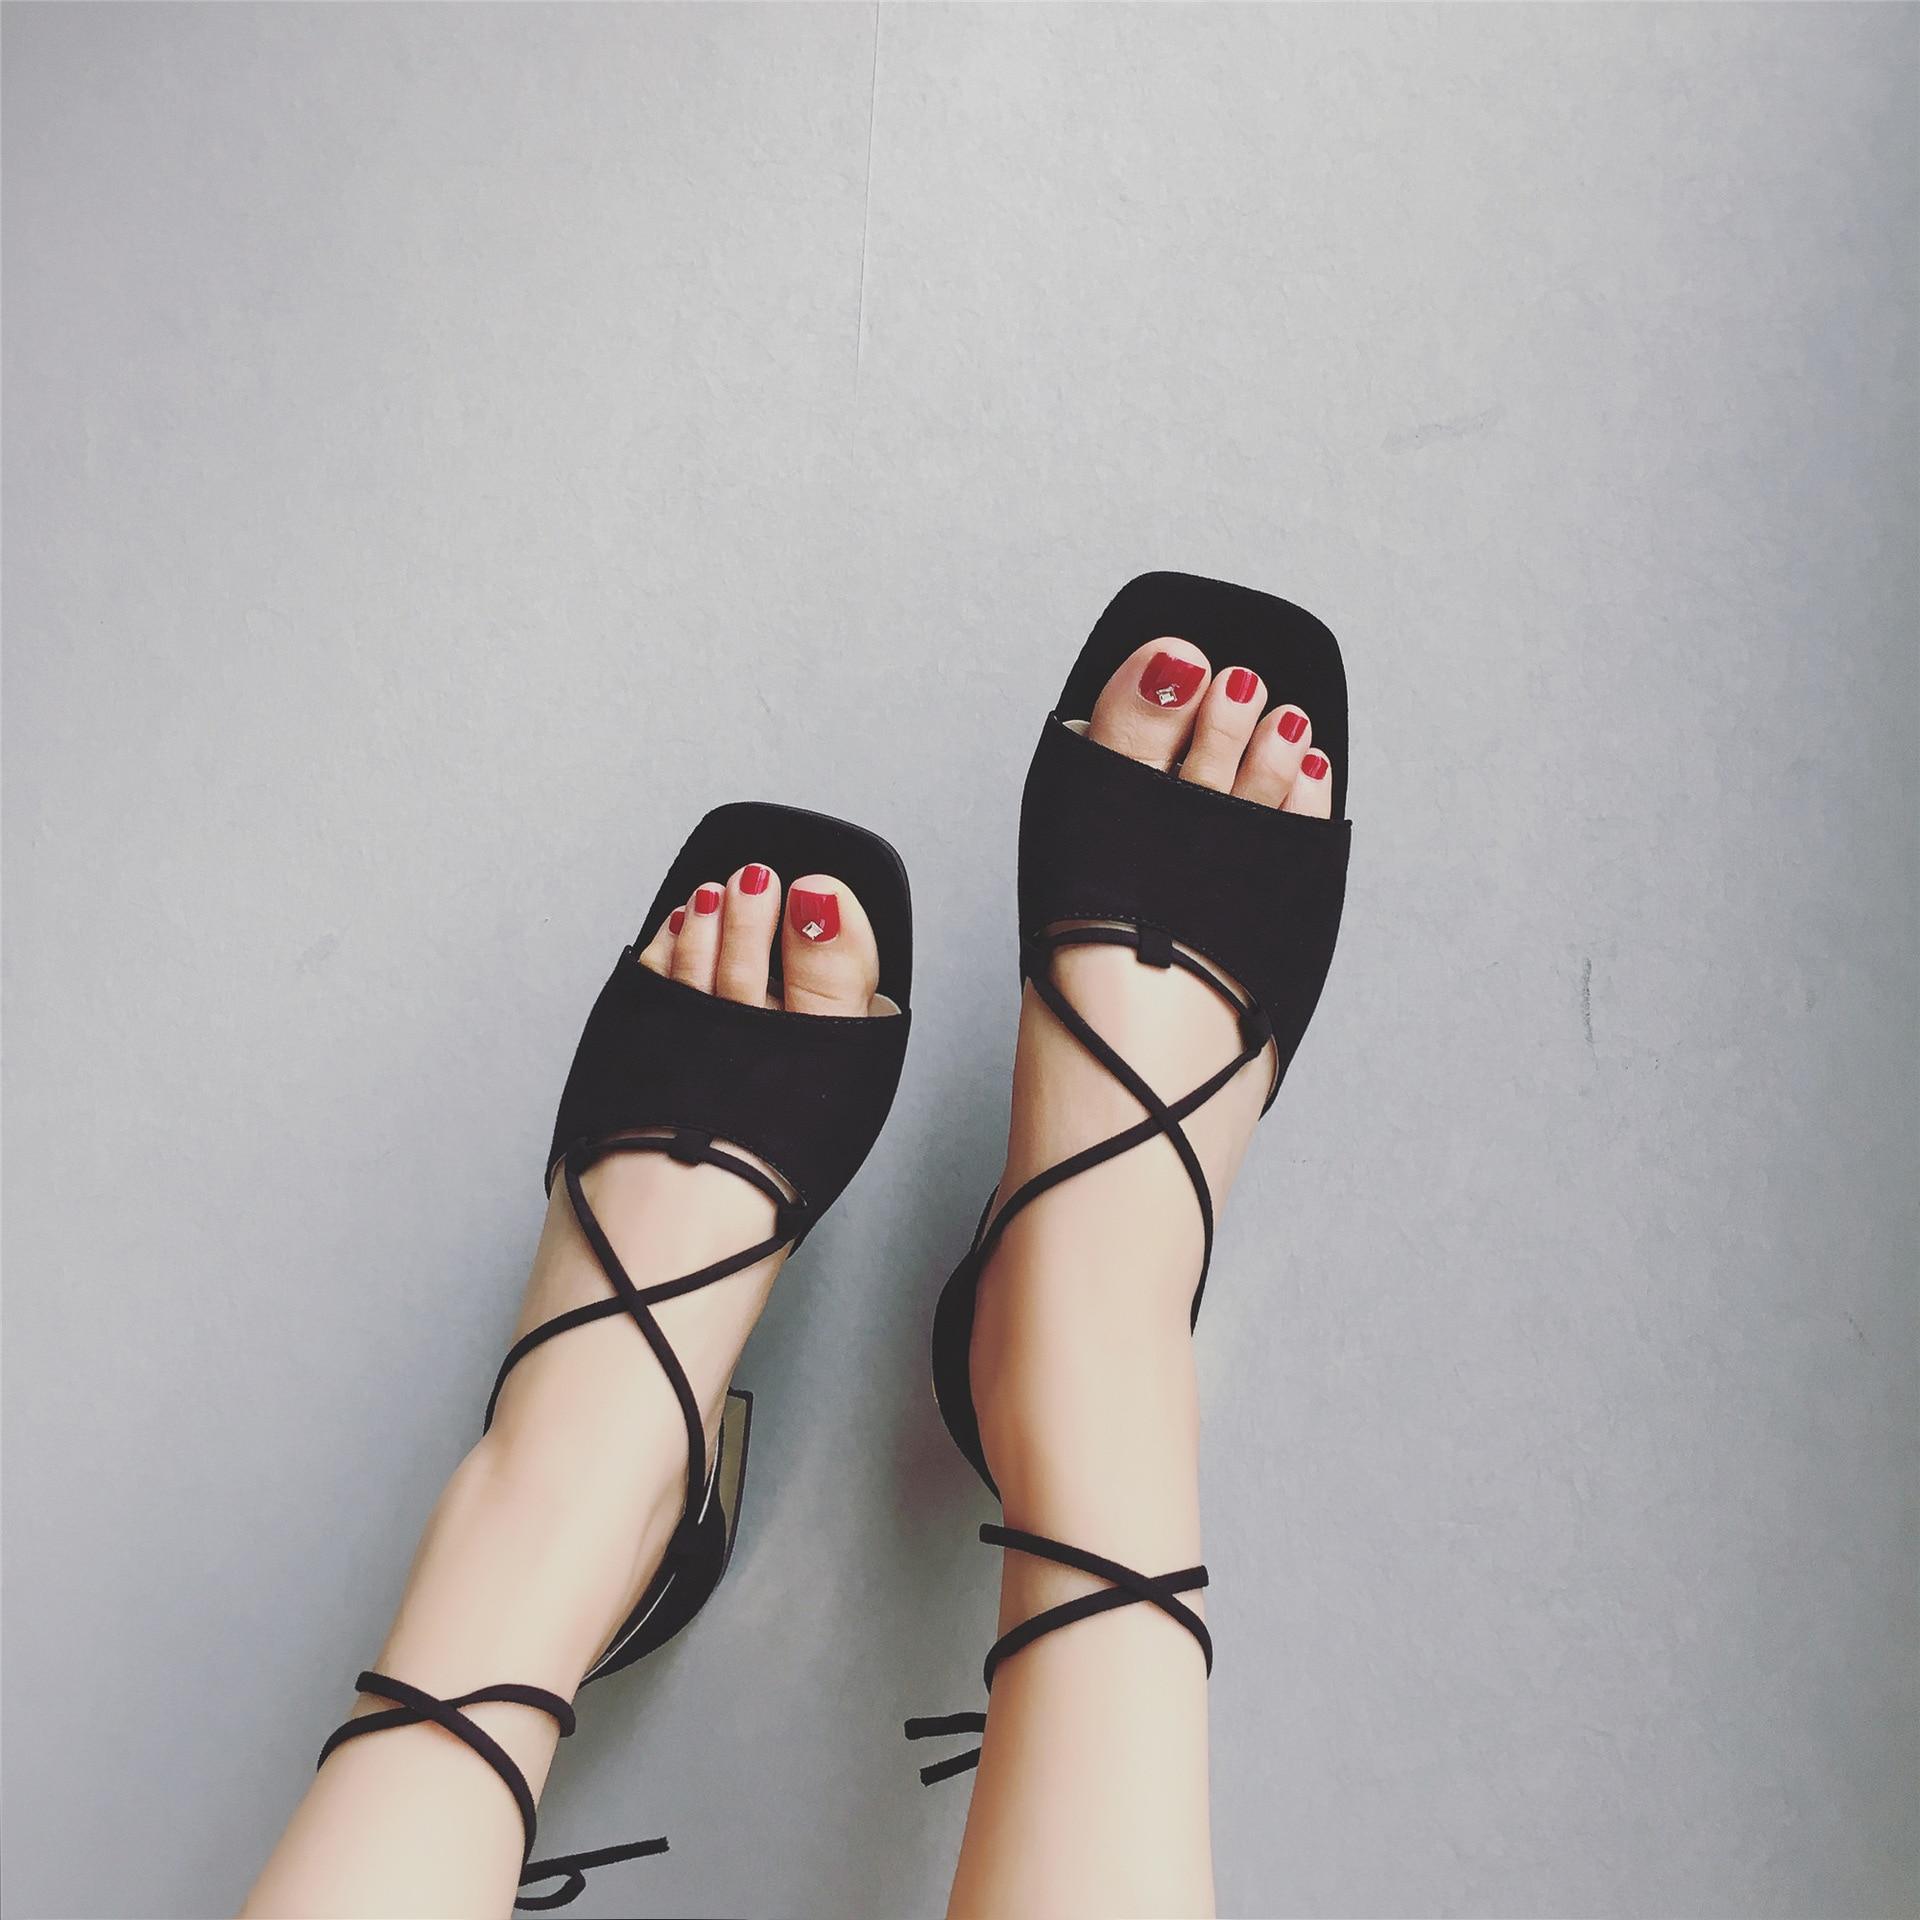 Mujeres Zapatos Sandalias 2017 Tobillo La Toe Gladiador Inferior Femeninas De Open Sandalia Negro Tacones Correa Verano Moda Mujer Bajos Grueso caqui TdrndPqFw